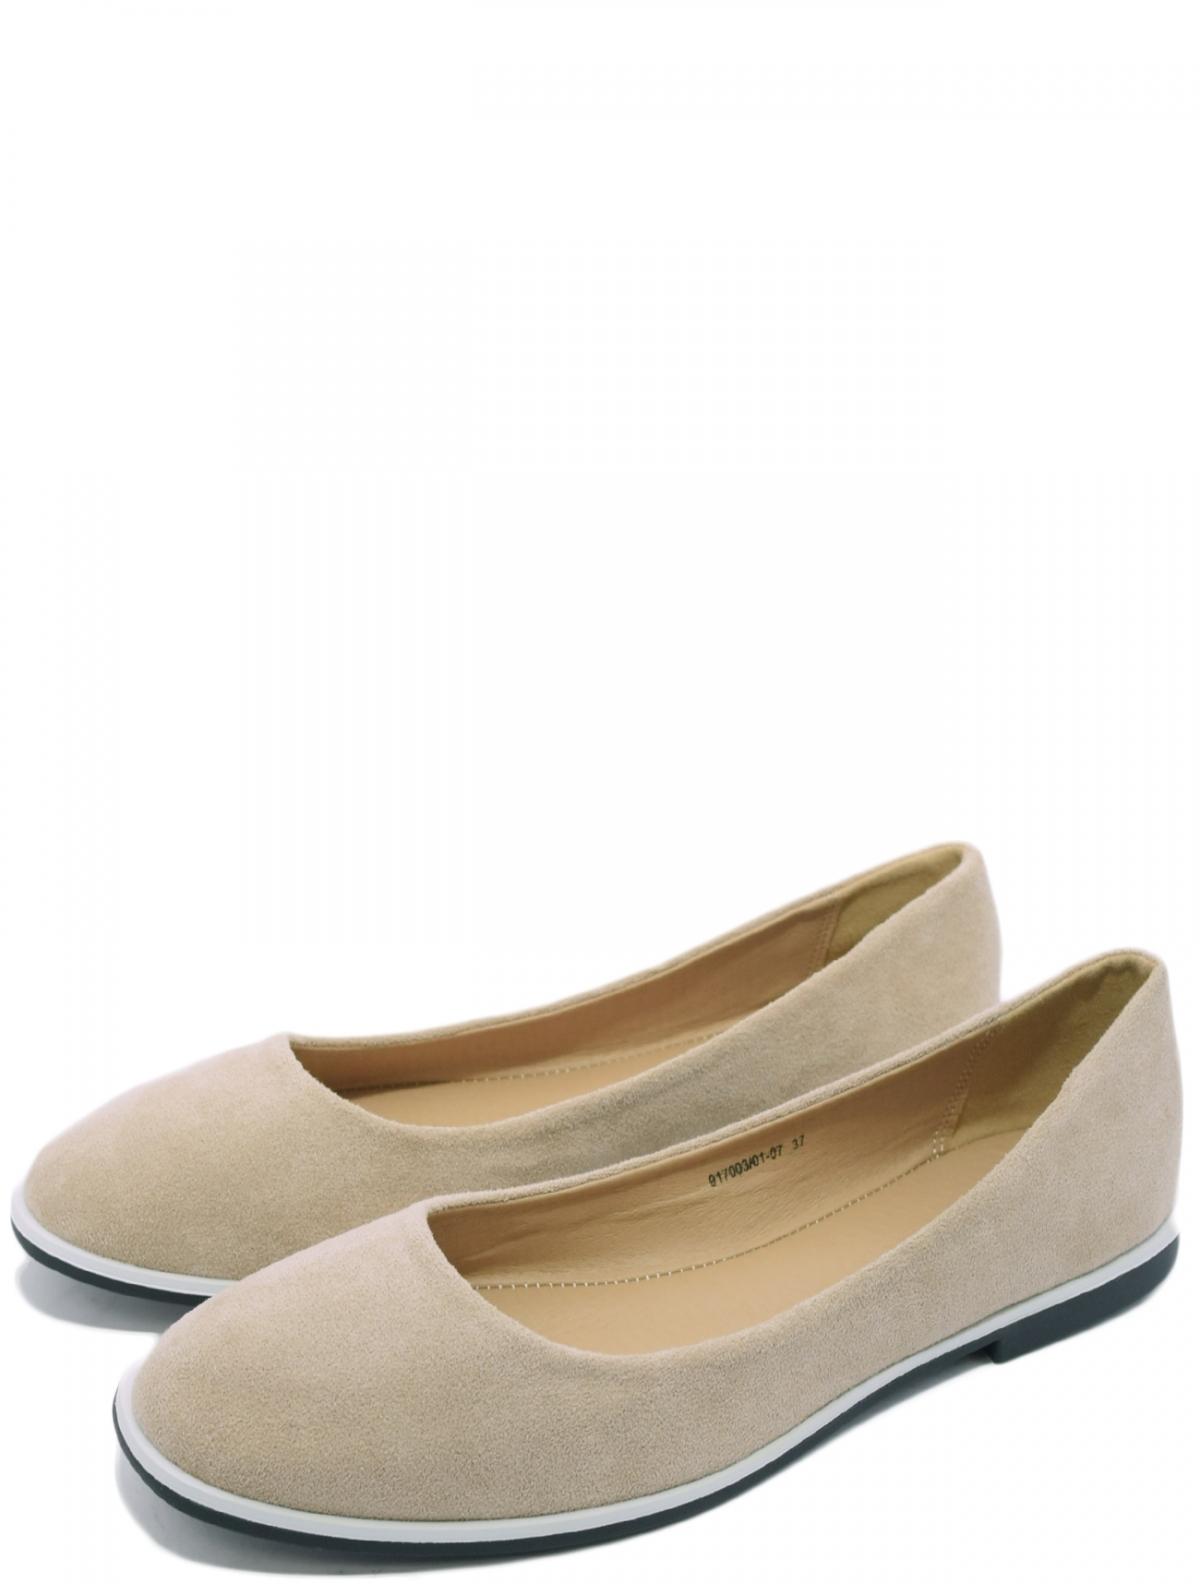 Betsy 917003/01-07 женские балетки